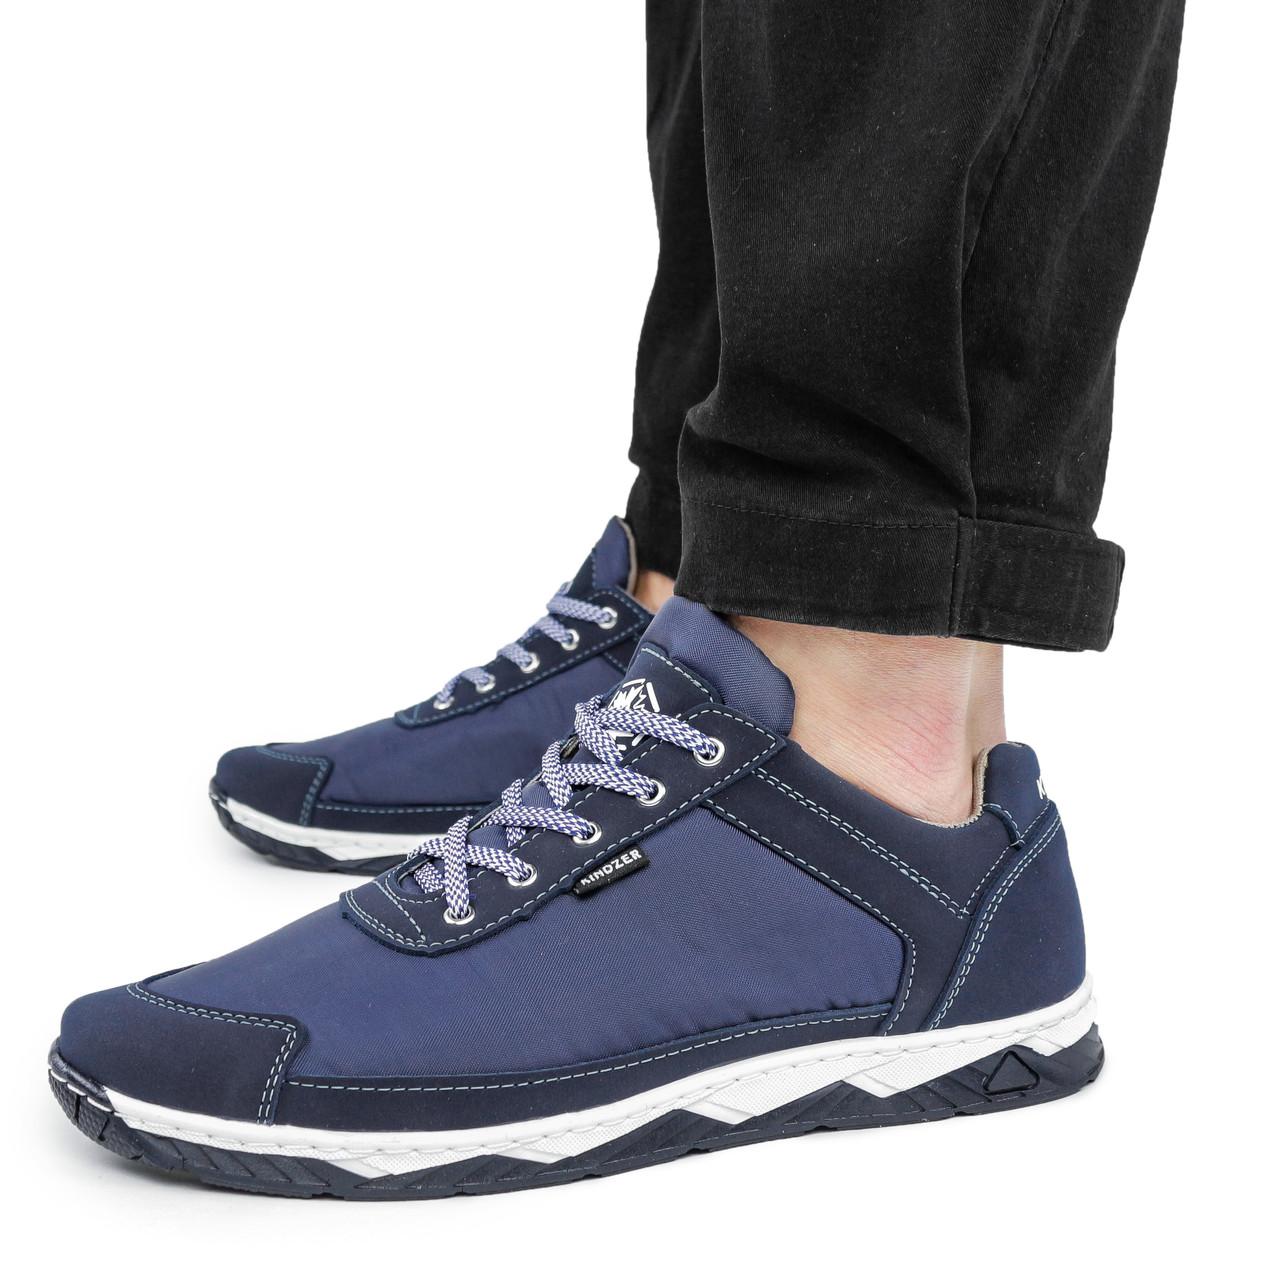 Кроссовки мужские Kindzer синие демисезонные текстиль 44 р. - 29 см (1356011063)